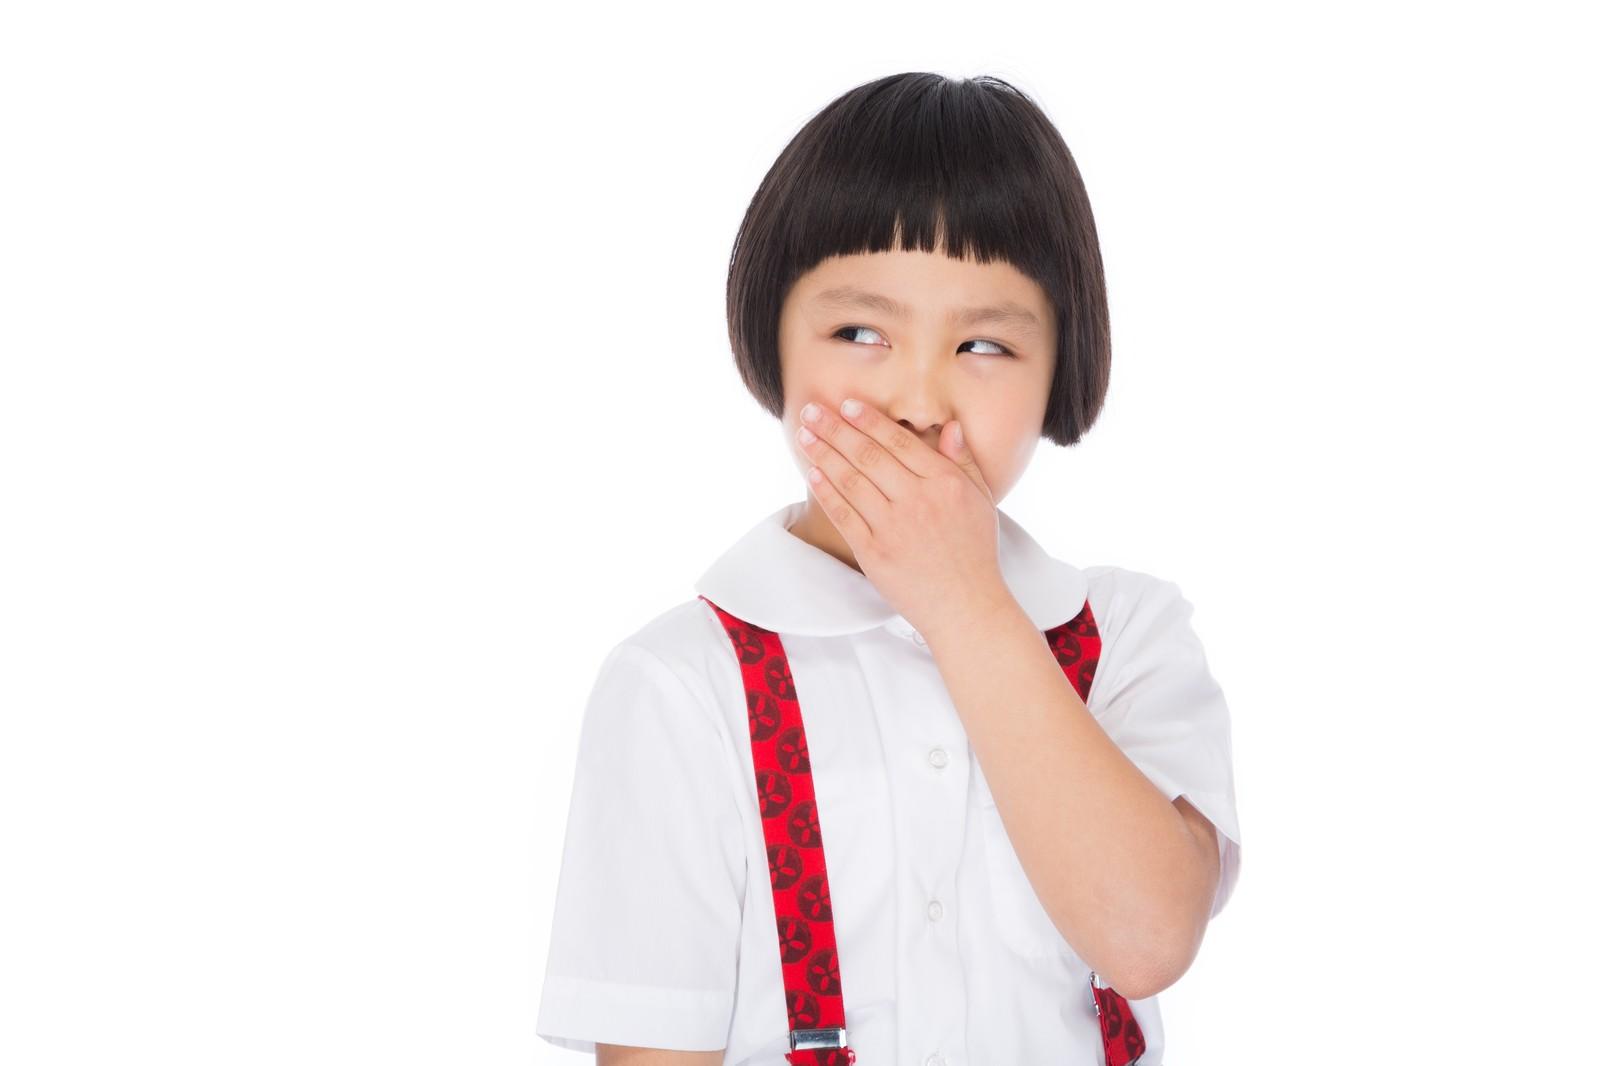 子供の性格が悪い気が…これって親からの遺伝?それとも環境?